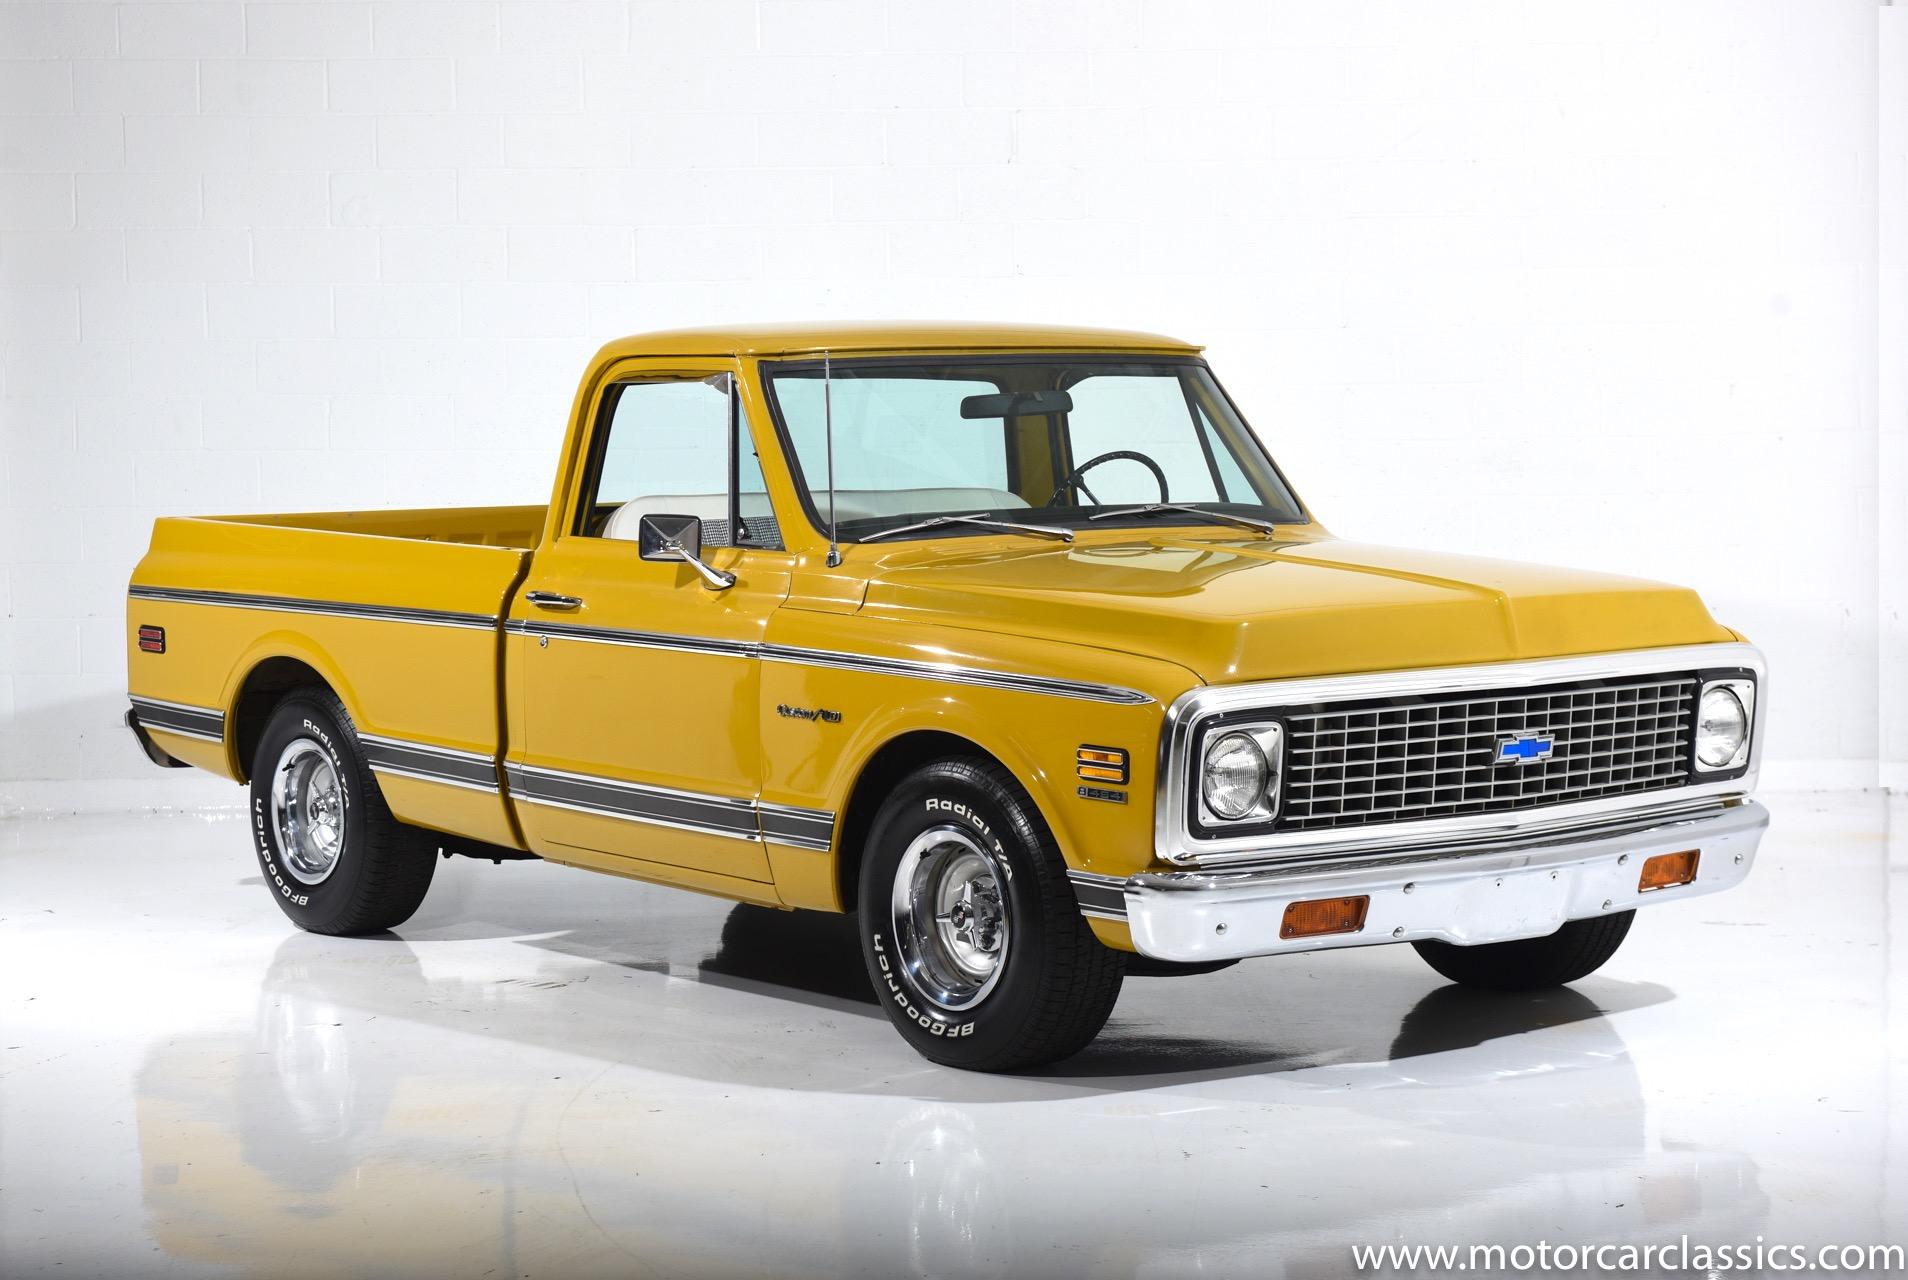 Used 1972 Chevrolet C/K 10 Cheyenne RWD | Farmingdale, NY